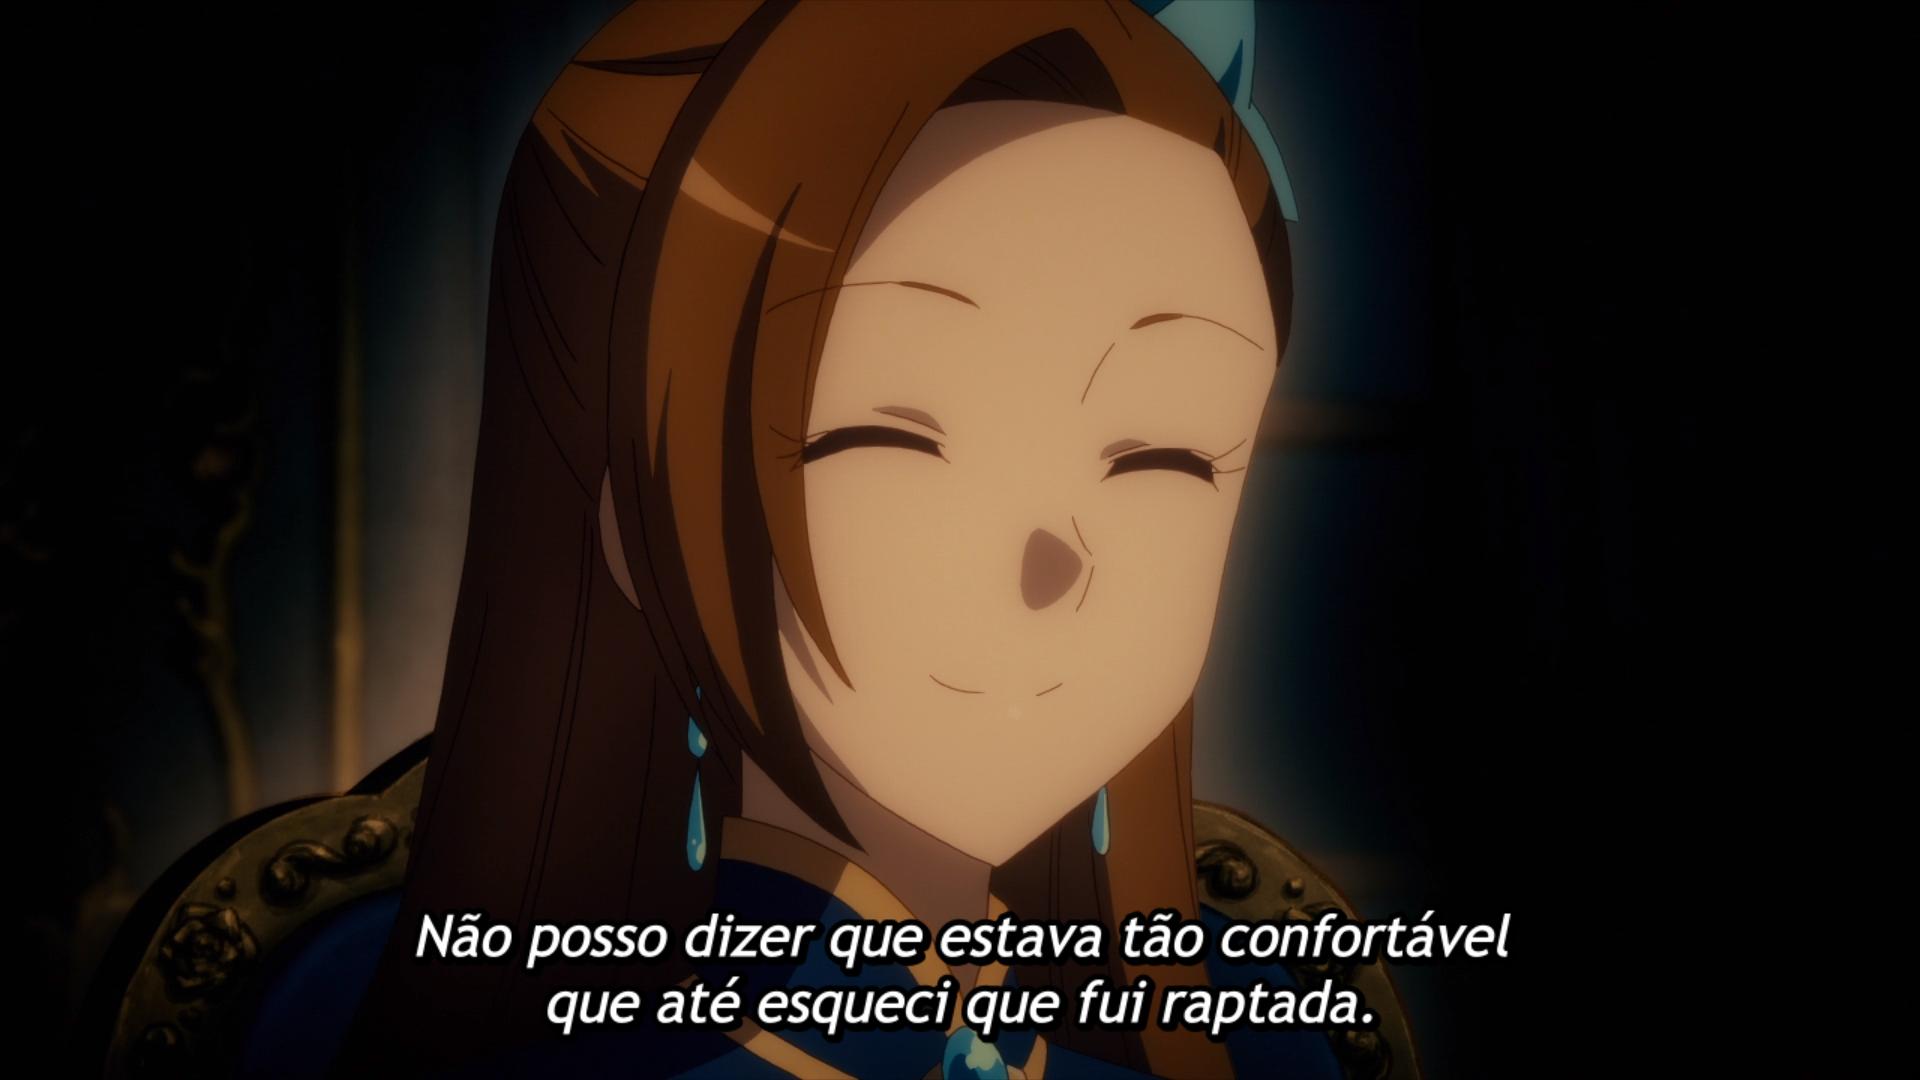 """Captura de tela do episódio 3 de """"Hamefura X"""", mostrando Catarina, e com legenda """"Não posso dizer que estava tão confortável que até esqueci que fui raptada."""""""